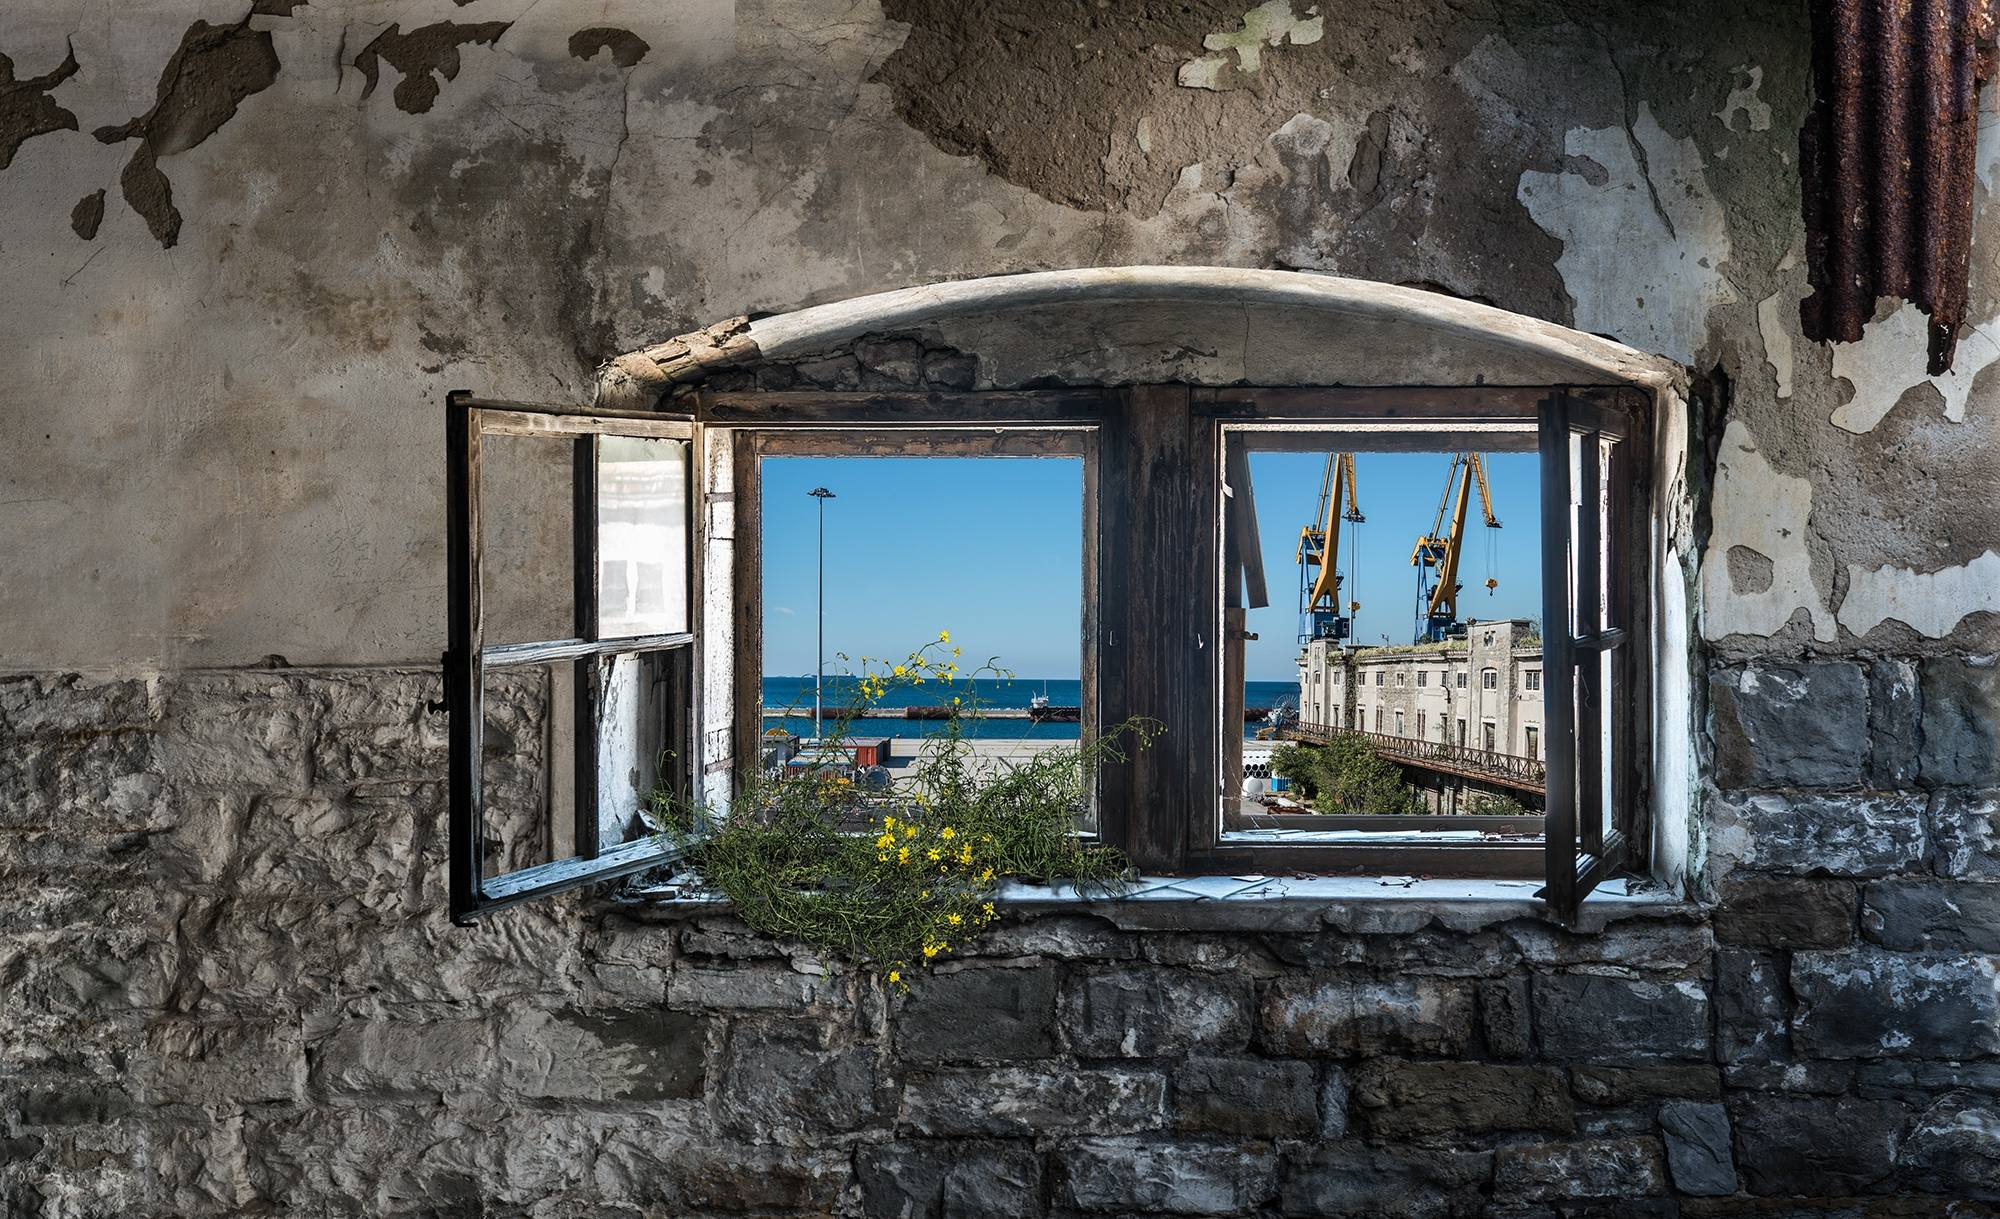 Trieste una finestra aperta su un mare di possibilit ppan for Finestra antica aperta